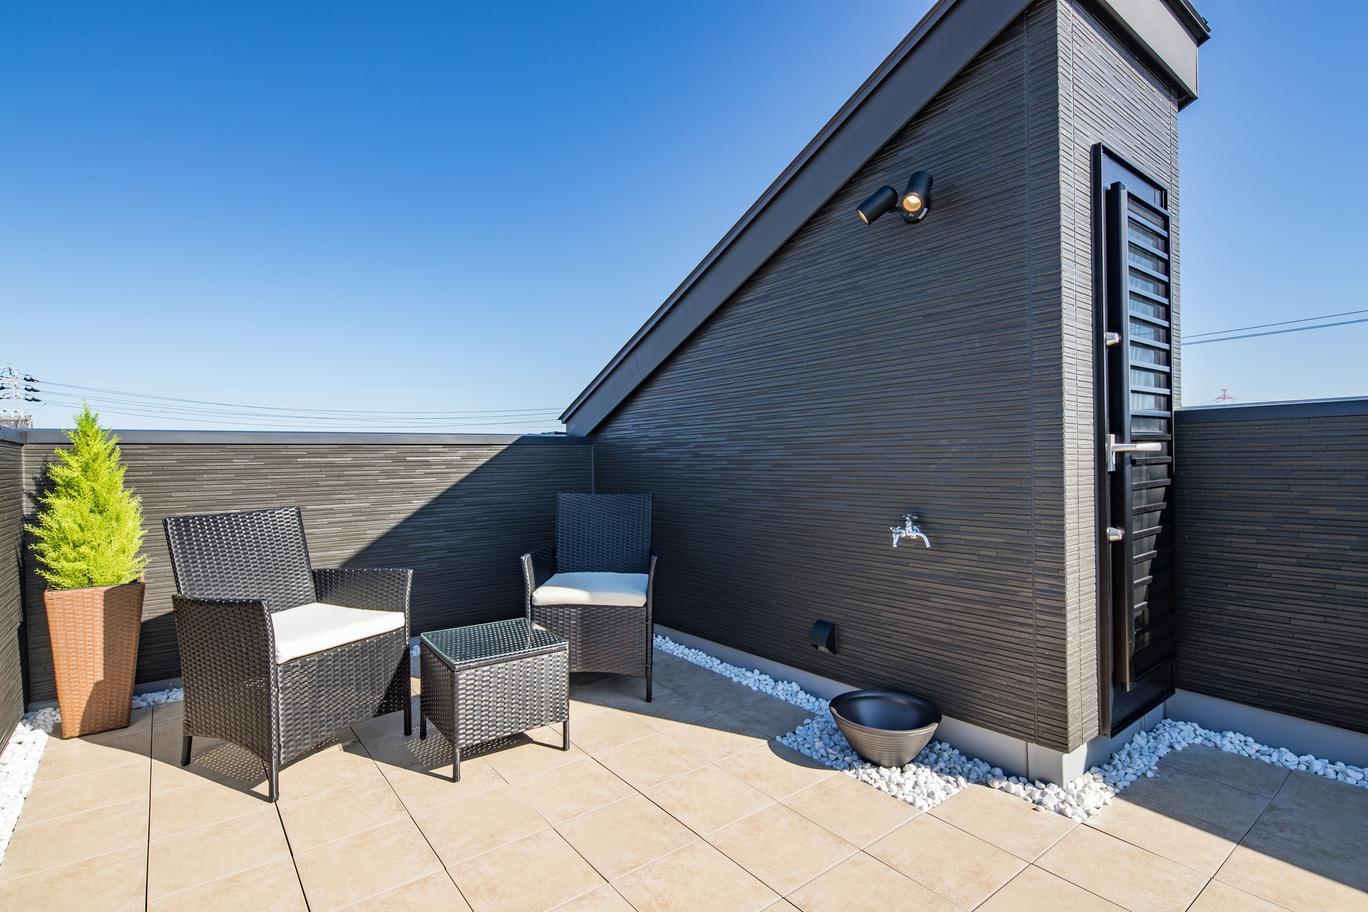 屋上は家族だけのプライベートな外空間で、BBQや家庭菜園も愉しめる